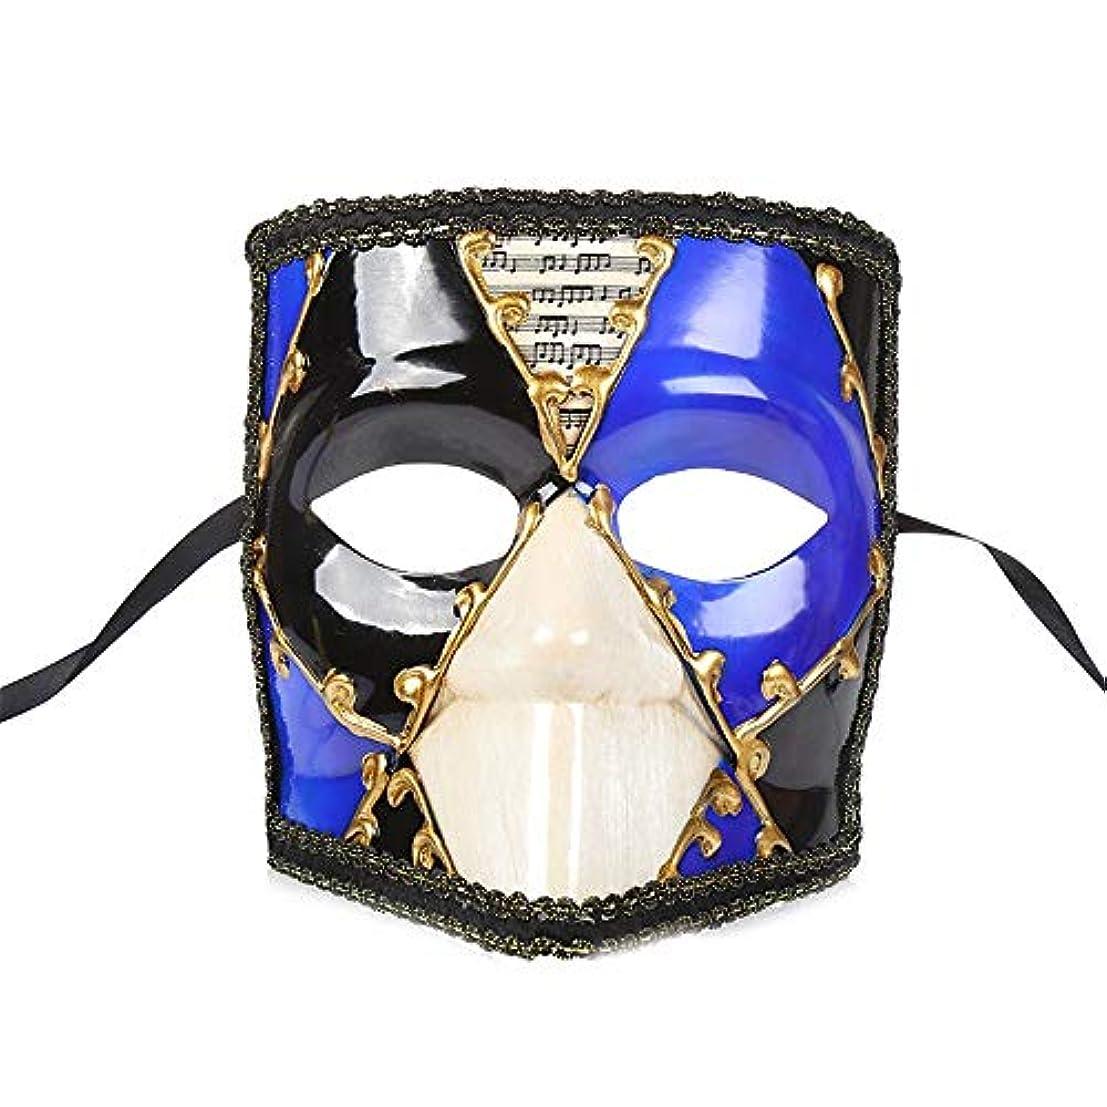 通信網騒夜明けにダンスマスク ピエロマスクヴィンテージマスカレードショーデコレーションコスプレナイトクラブプラスチック厚いマスク ホリデーパーティー用品 (色 : 青, サイズ : 18x15cm)